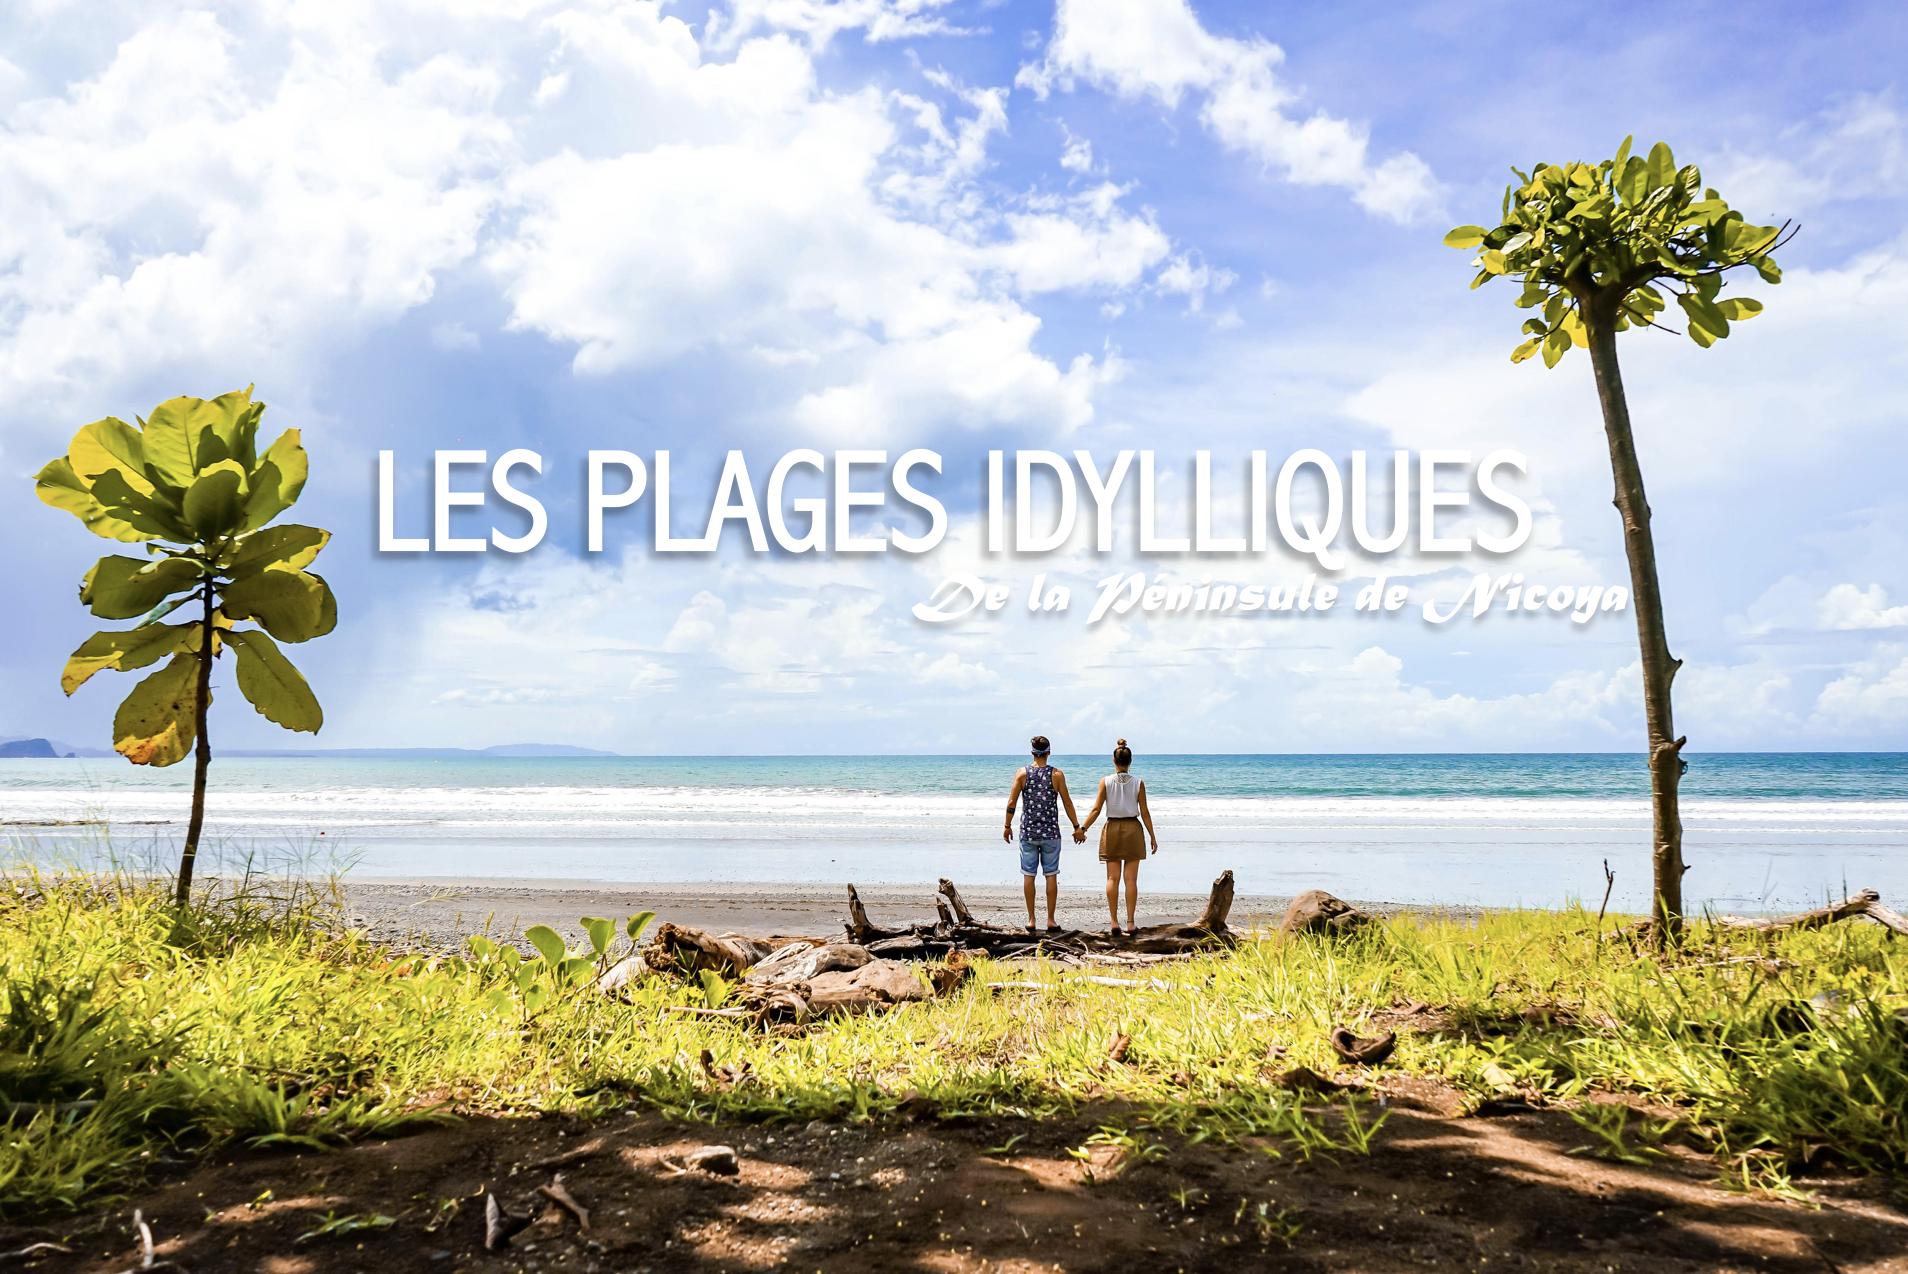 LES PLAGES IDYLLIQUES | de la Péninsule de Nicoya (image).png